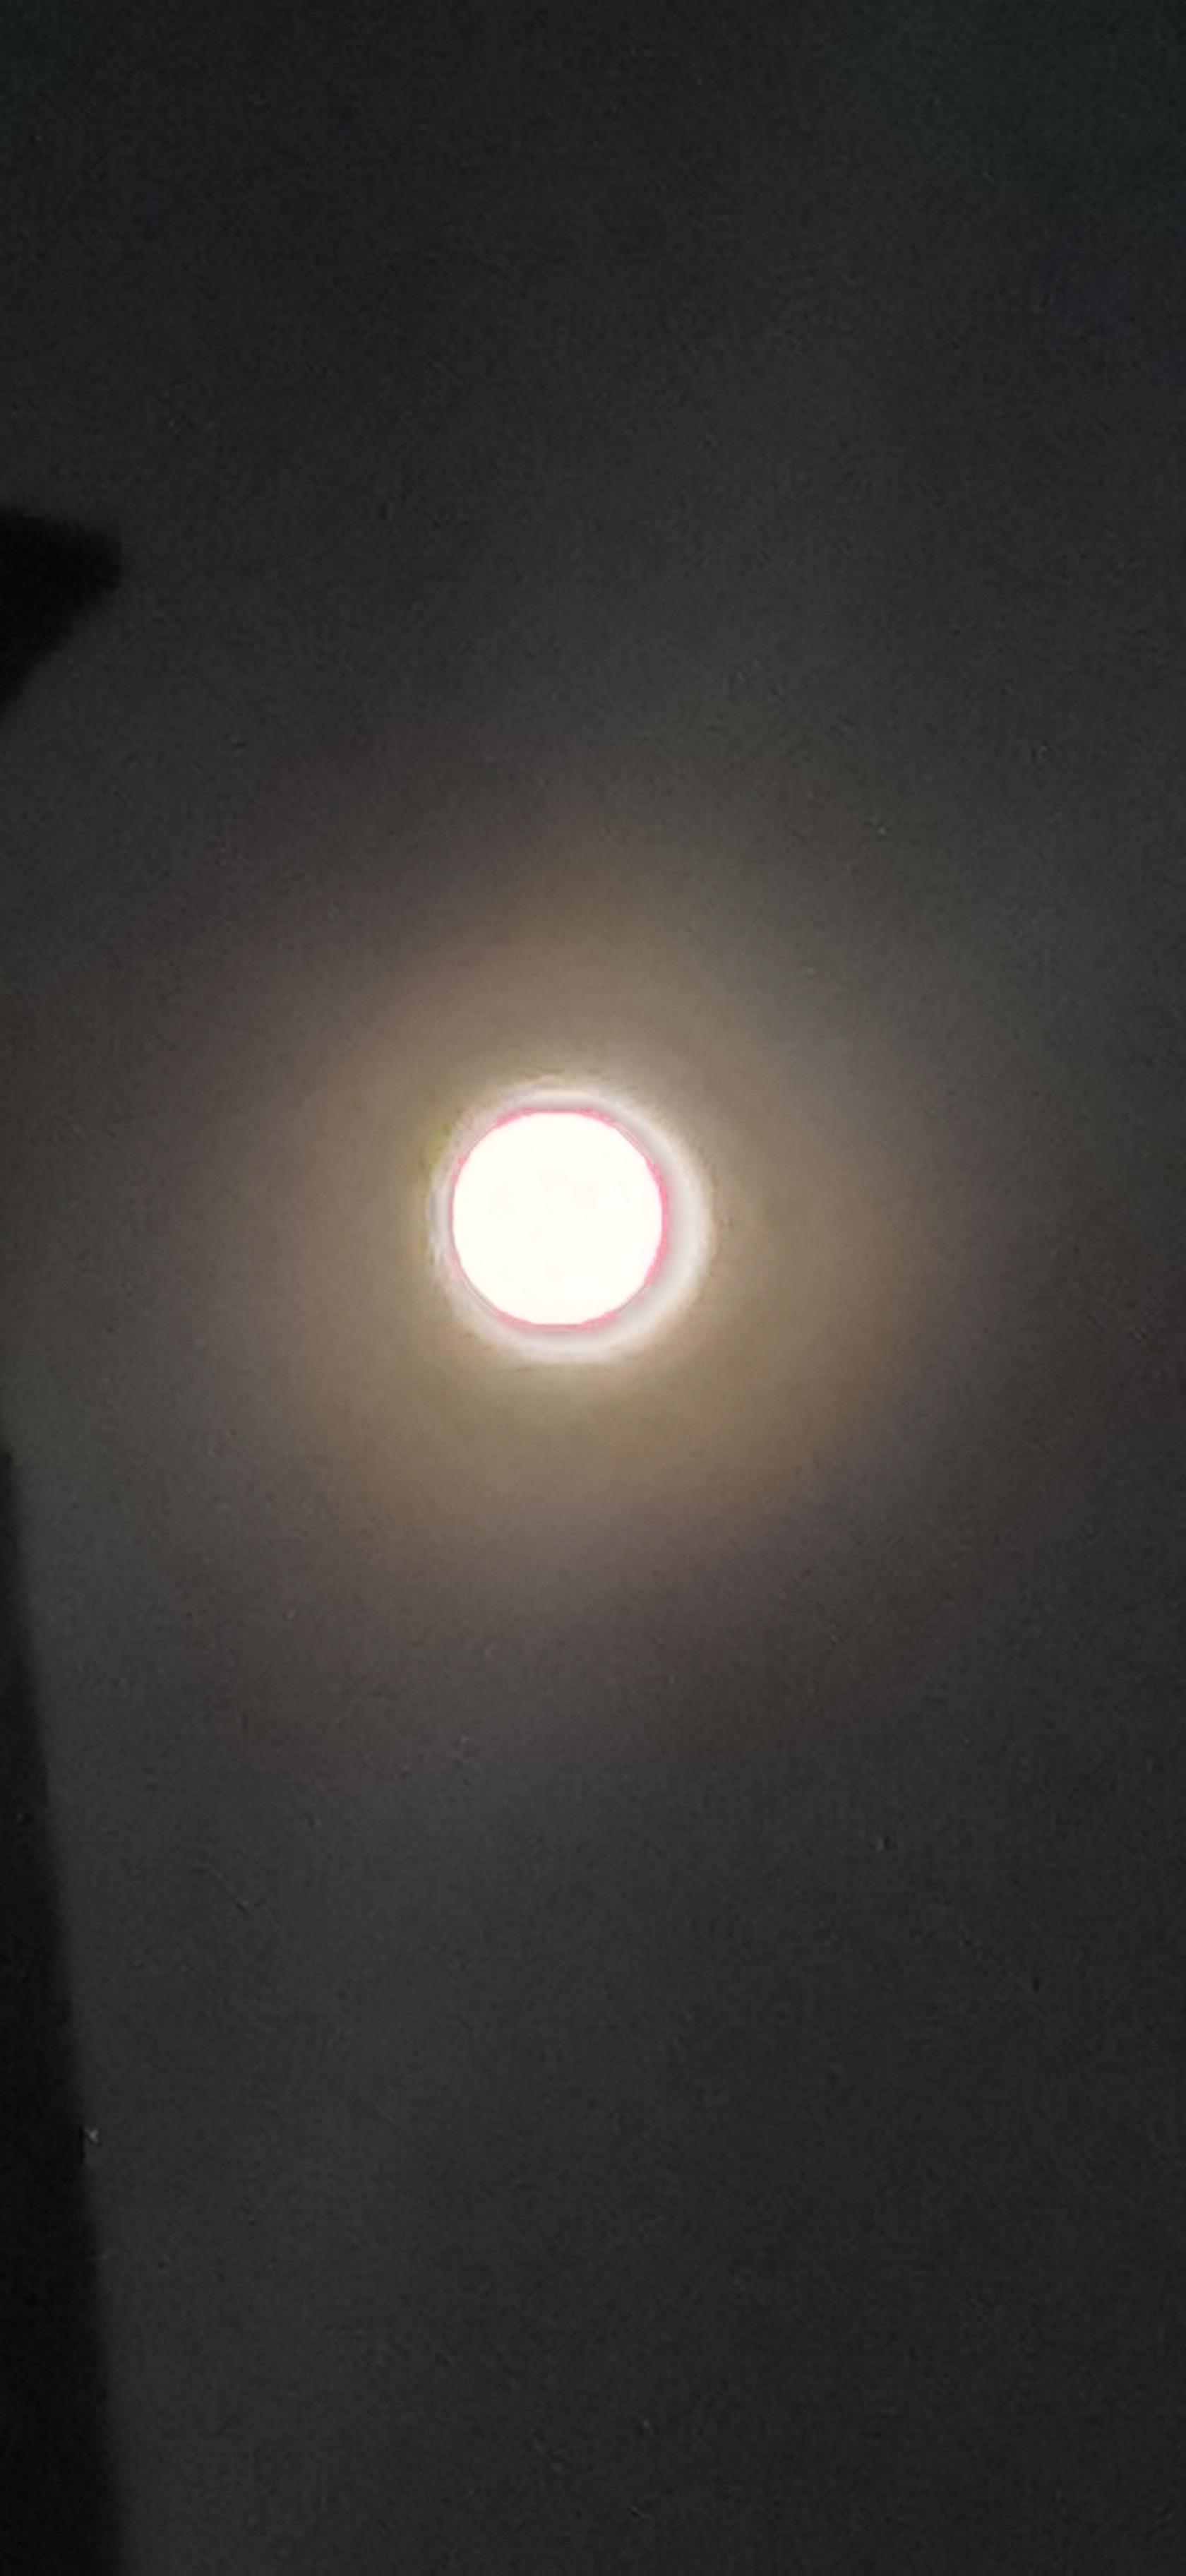 八月十四的月亮.jpg